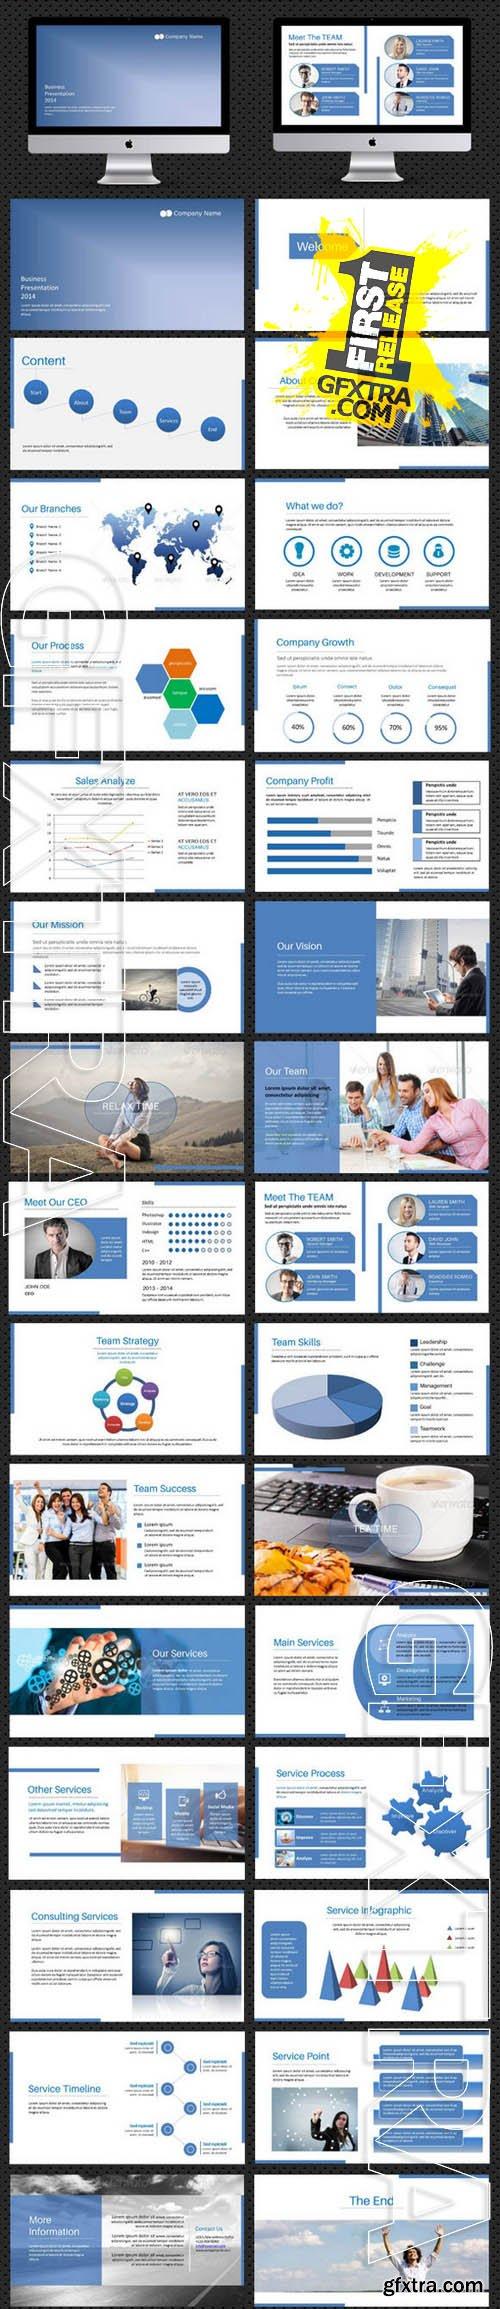 PowerPoint presentation - Creativemarket 60033